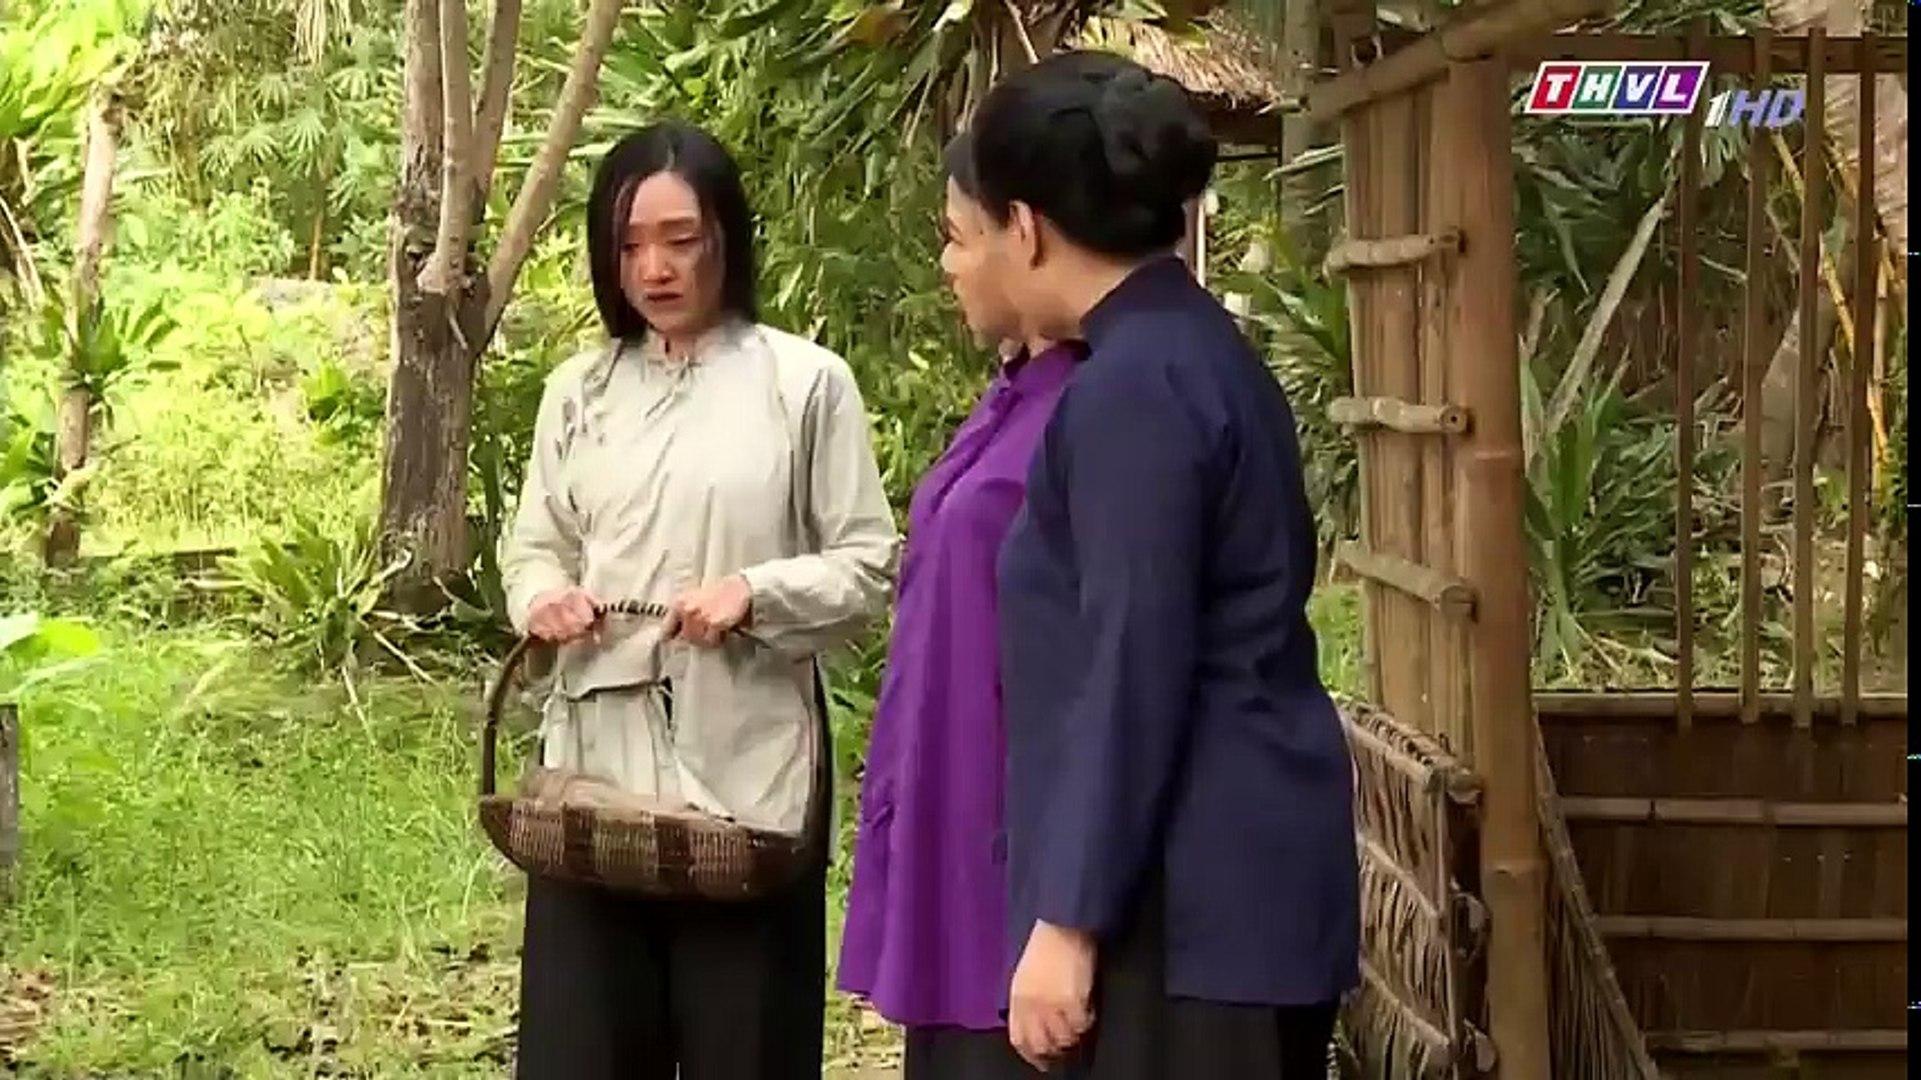 Ba Chú Lùn Phần 1 - Thế Giới Cổ Tích - THVL1 Ngày 28/10/2018 - Ba Chu Lun Phan 1 - Ba Chu Lun Phan 2